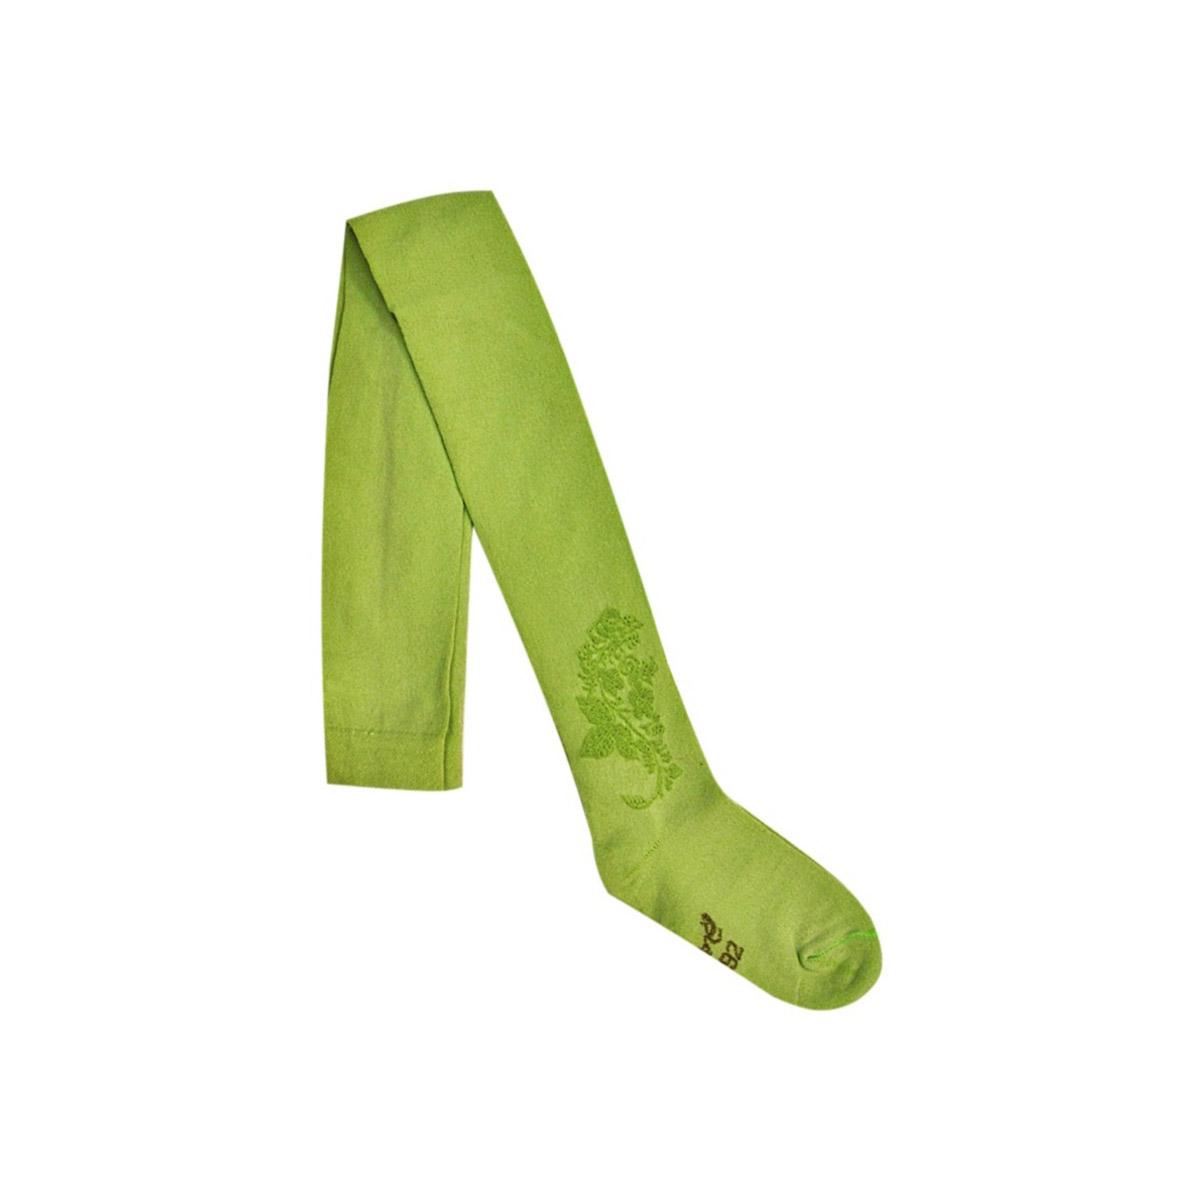 Колготки однотонные Ёмаё с ажурным рисунком рост 86-92 светло зеленый<br>